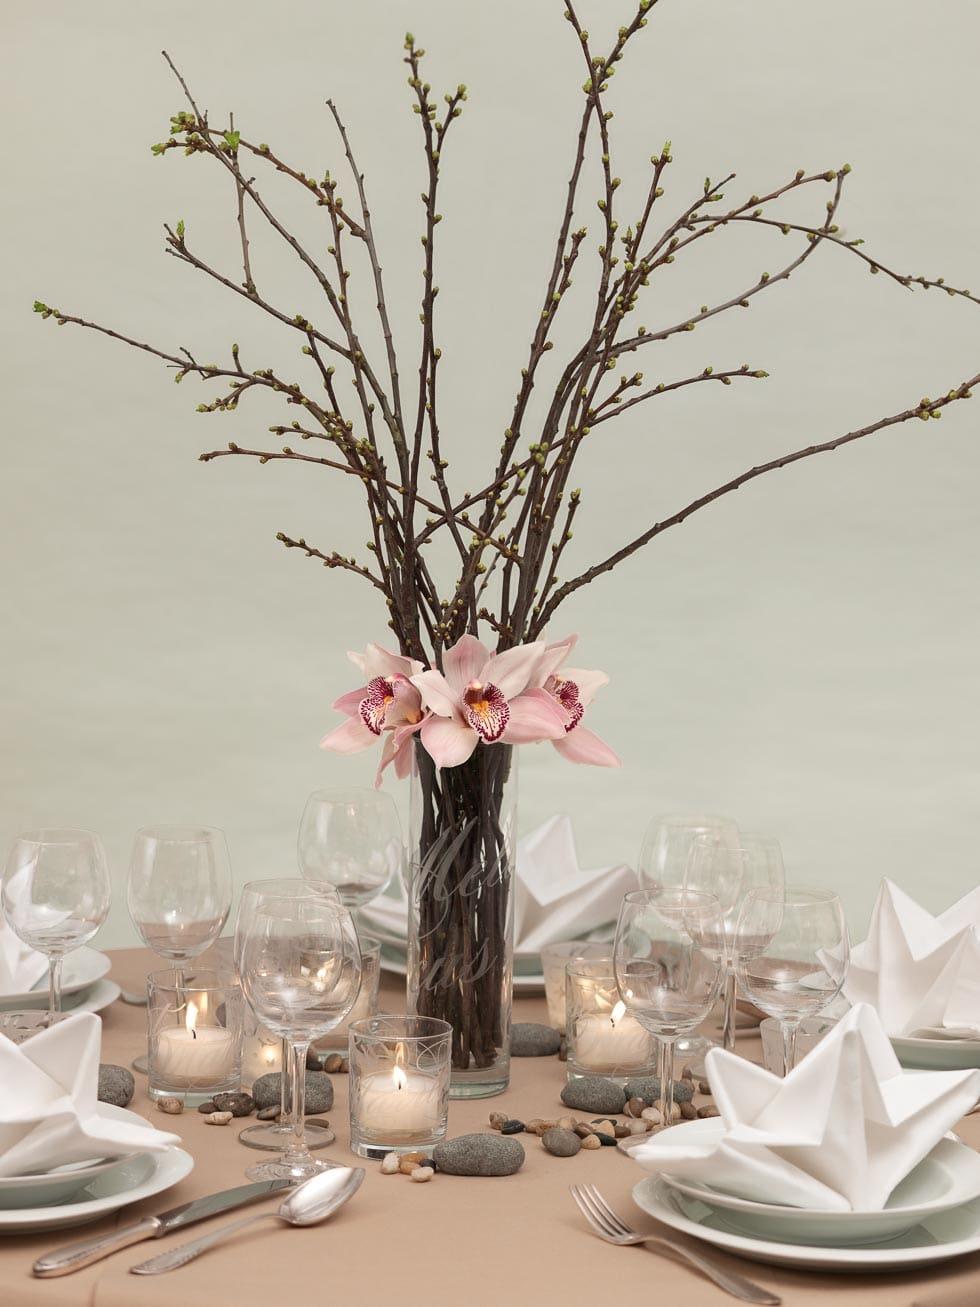 Einfache Und Naturliche Tischdekoration